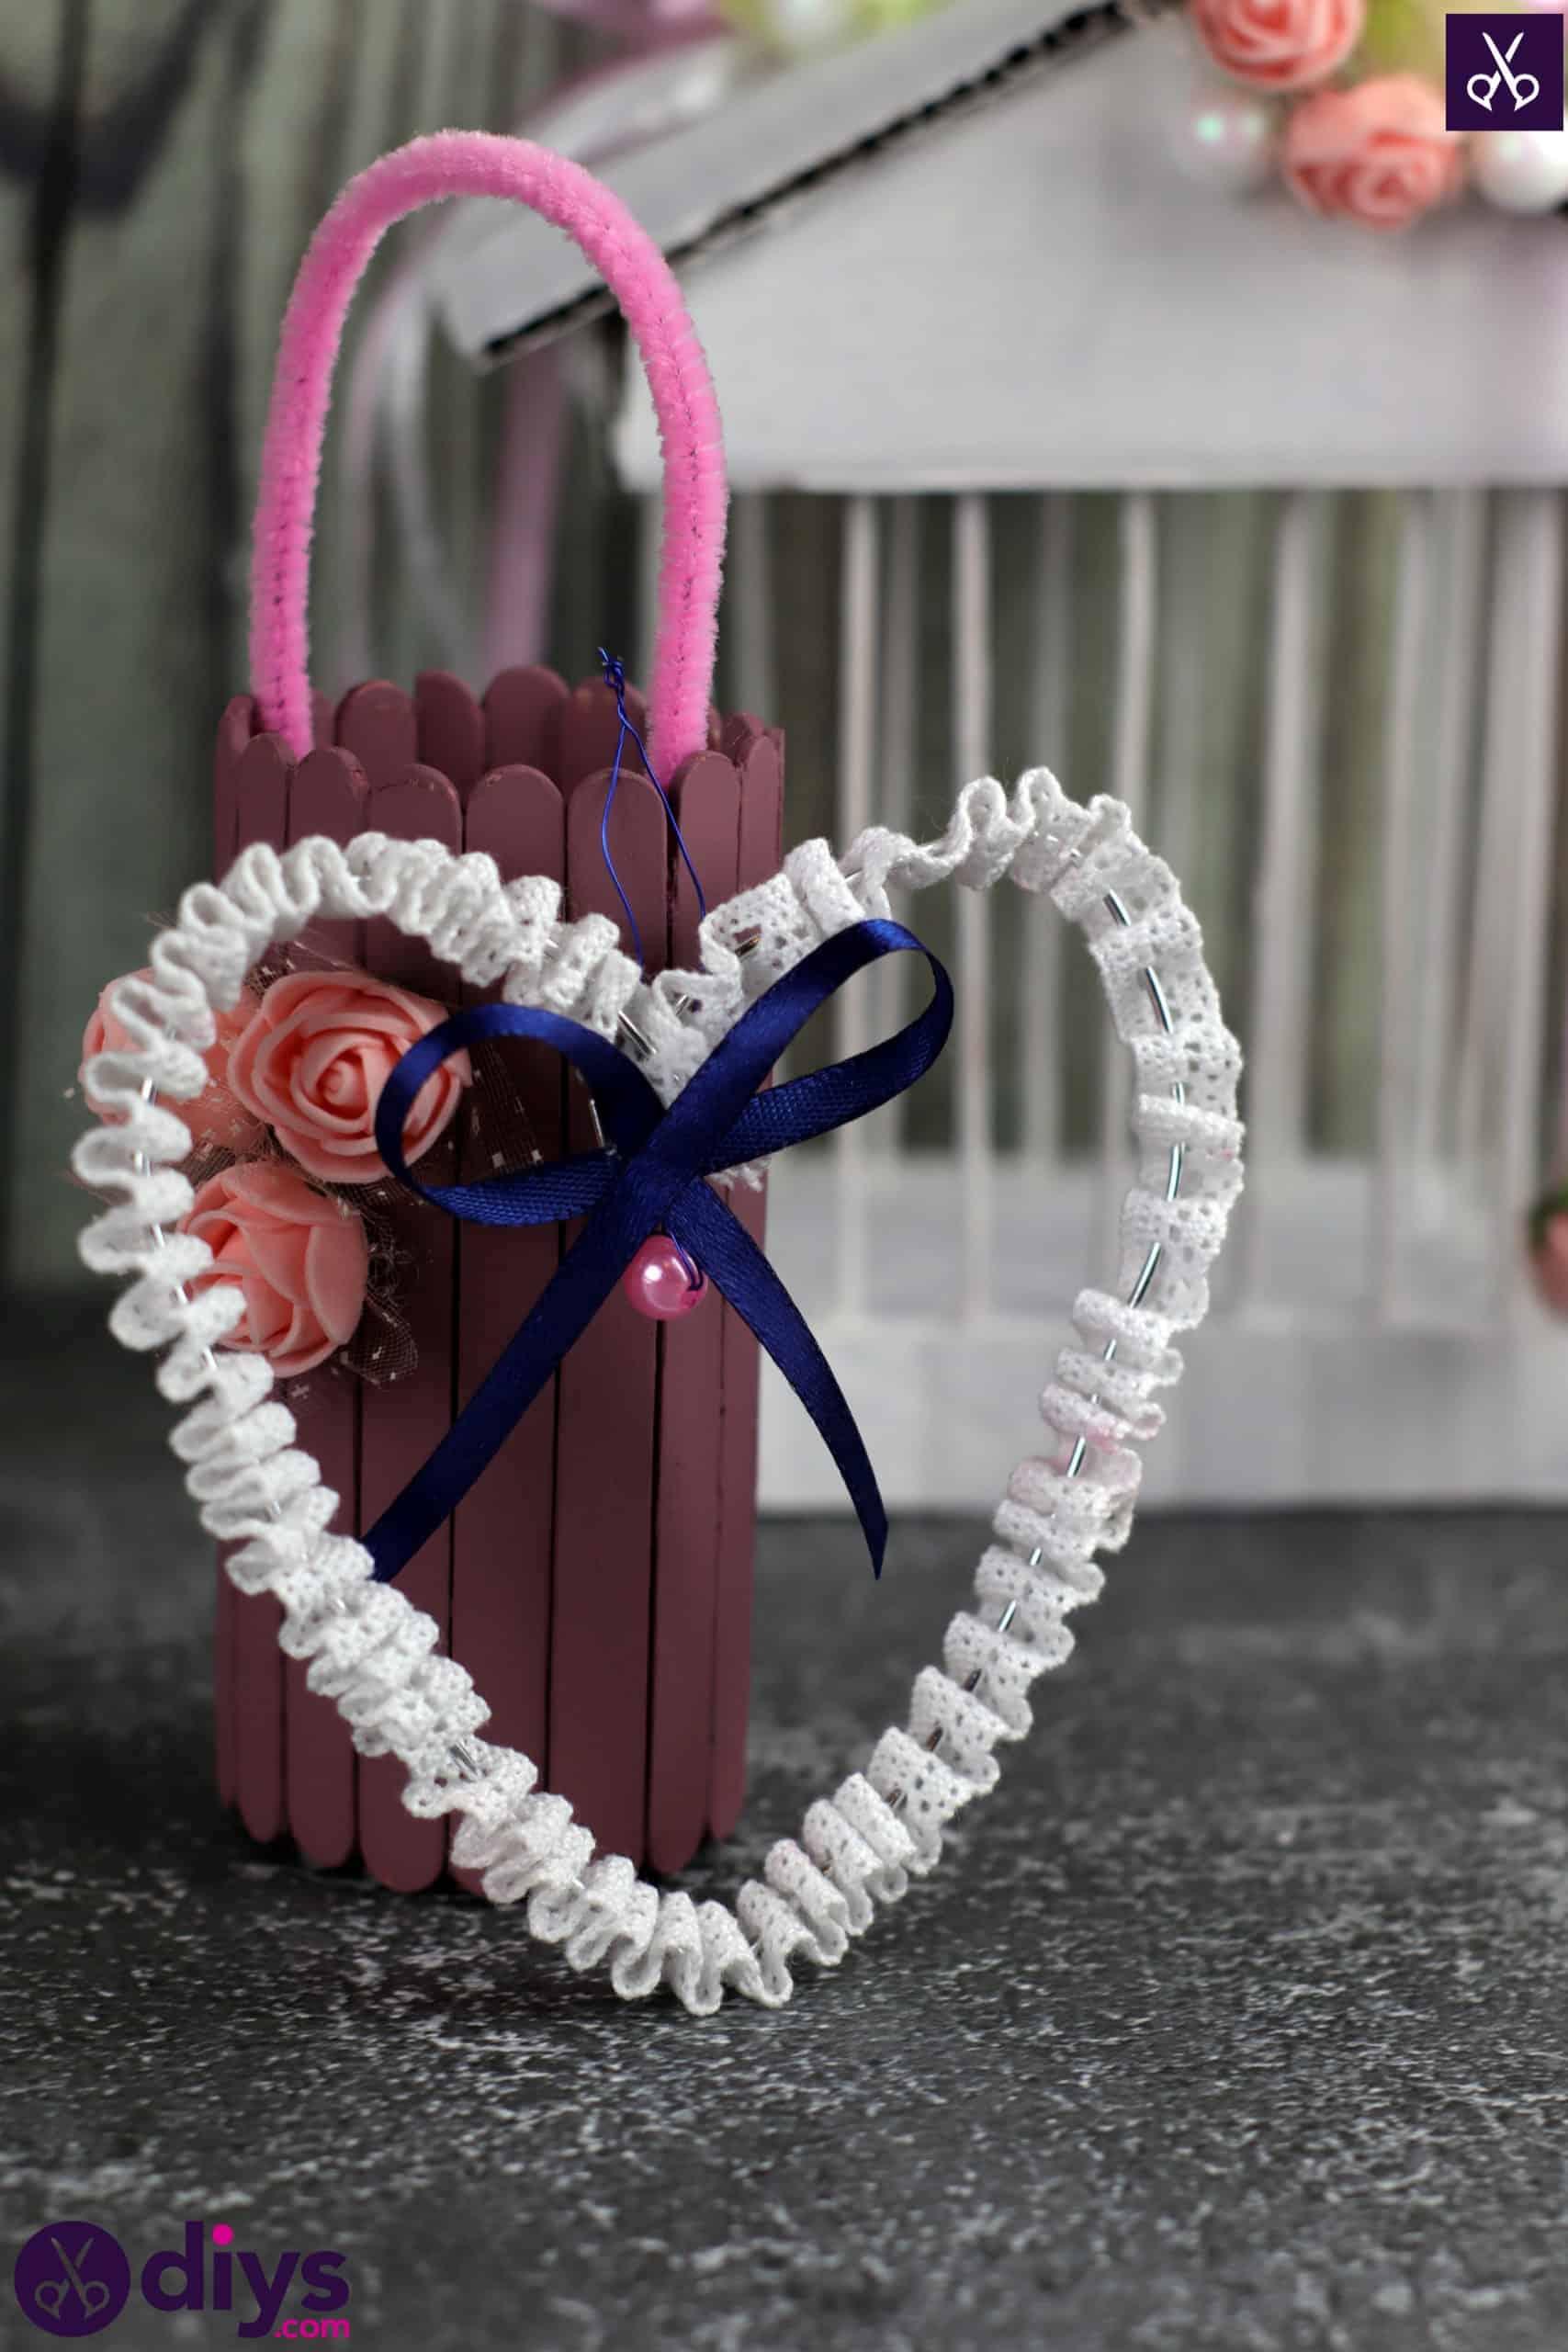 Diy wedding heart decor step 7 table decor